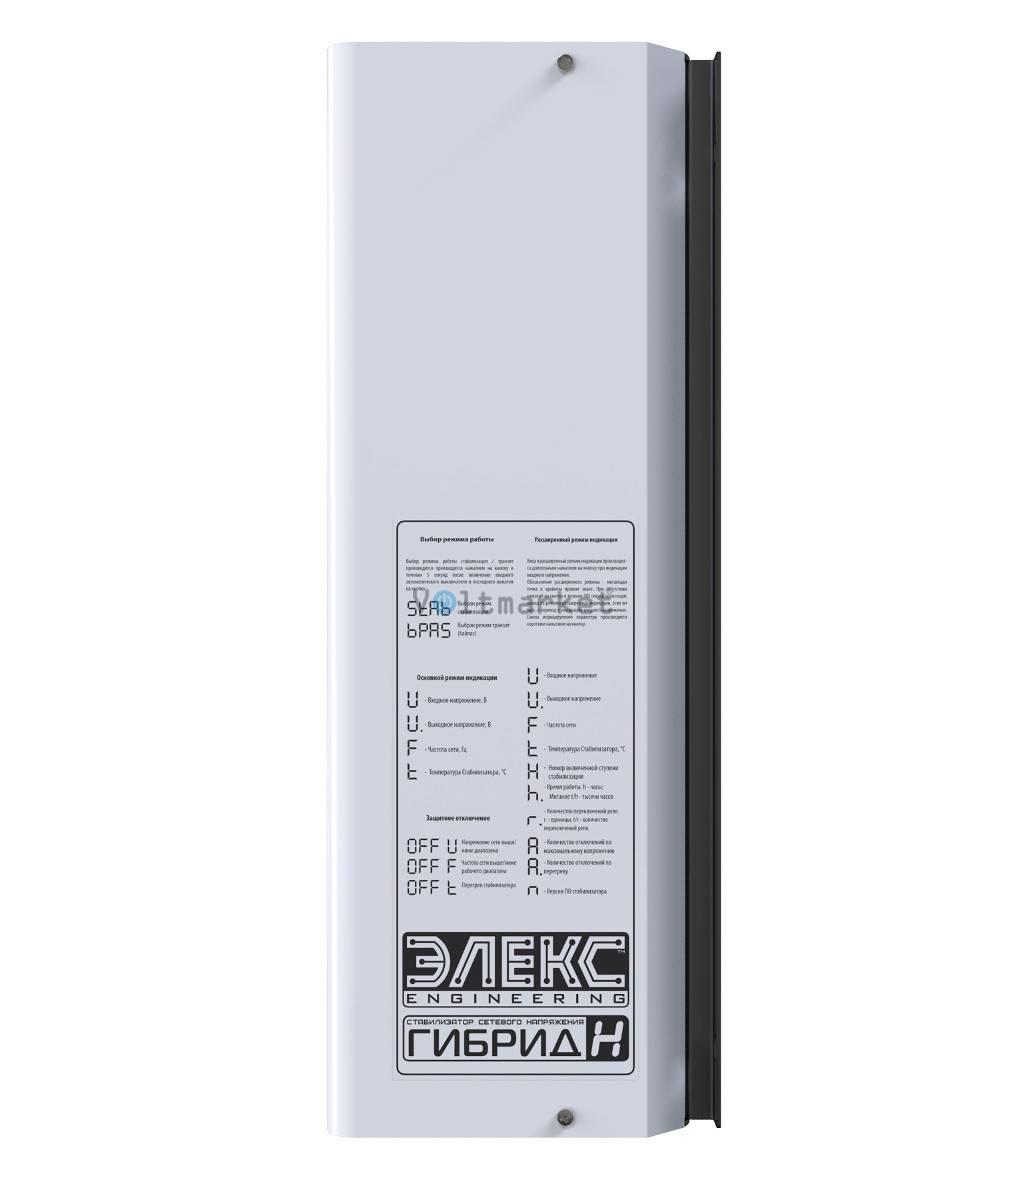 Стабилизатор напряжения ЭЛЕКС ГИБРИД У 7-1-25 v2.0